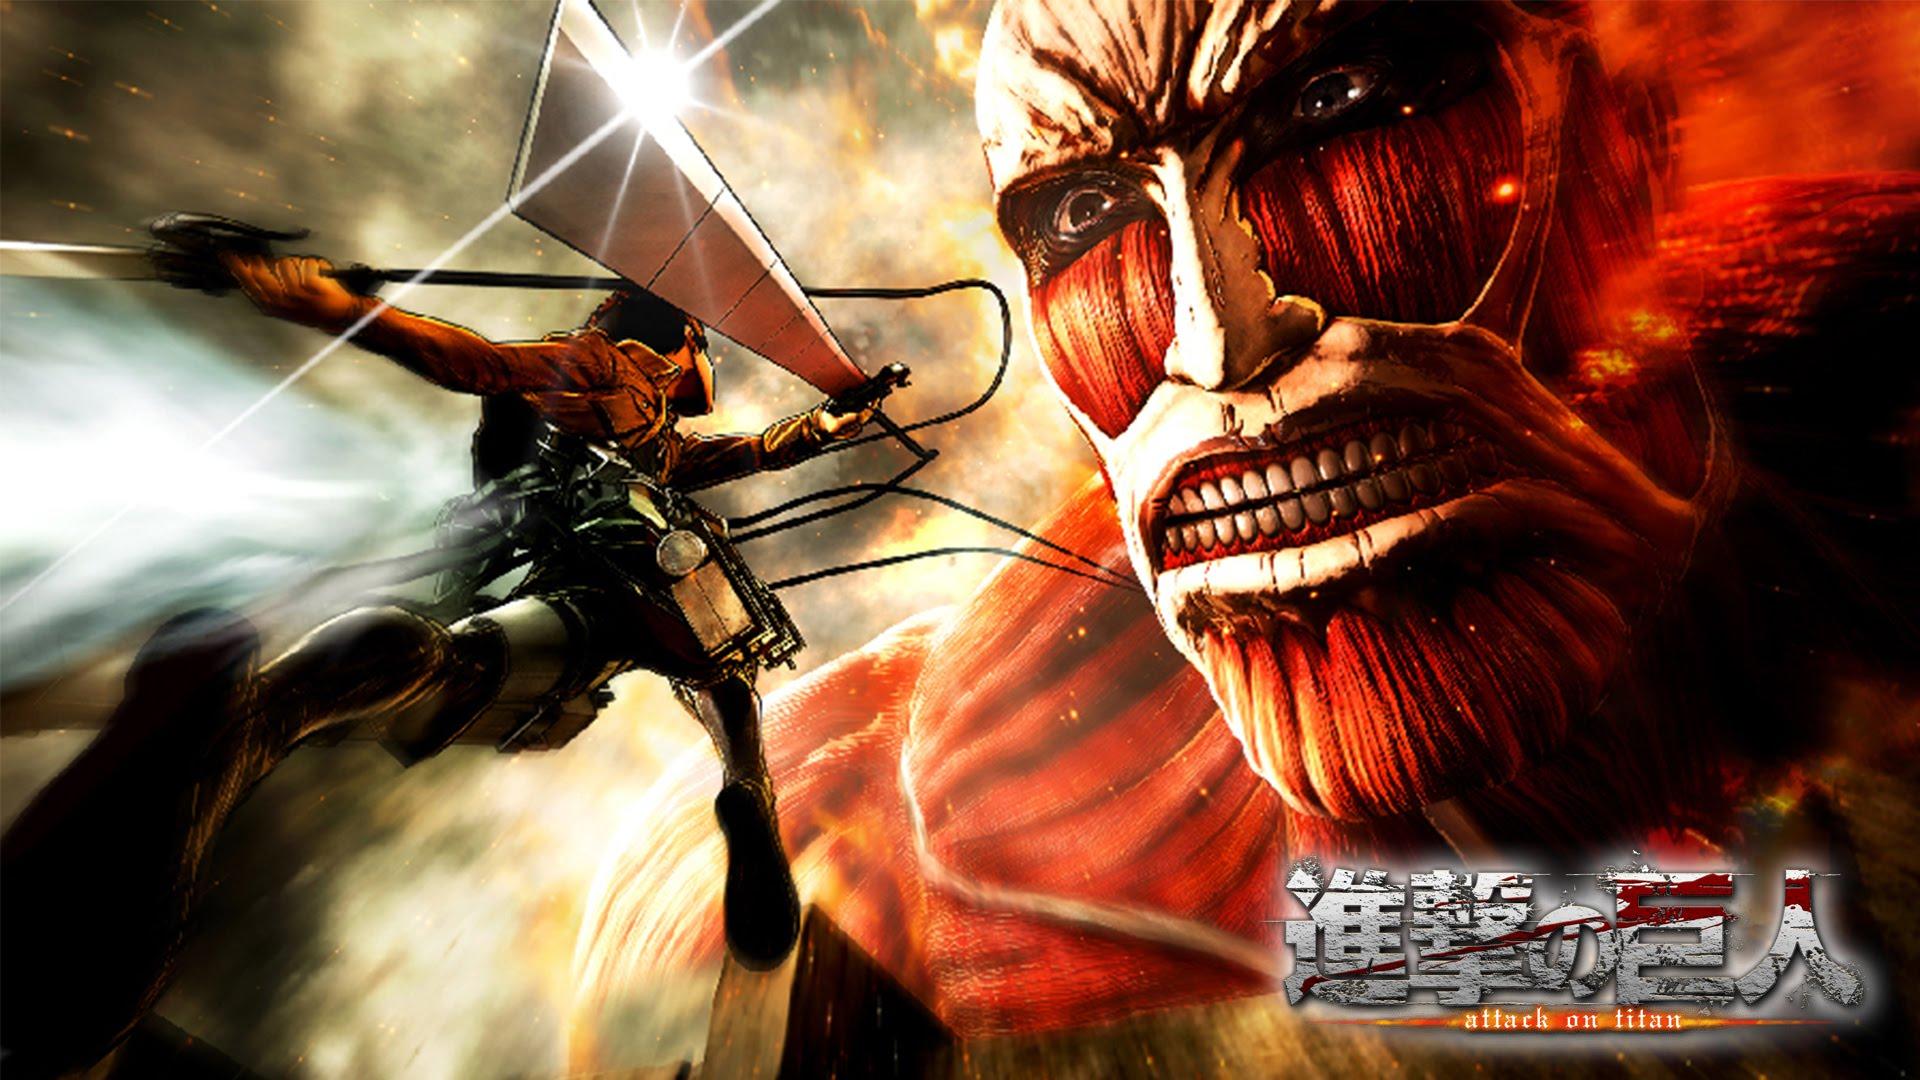 Attack on titan juego